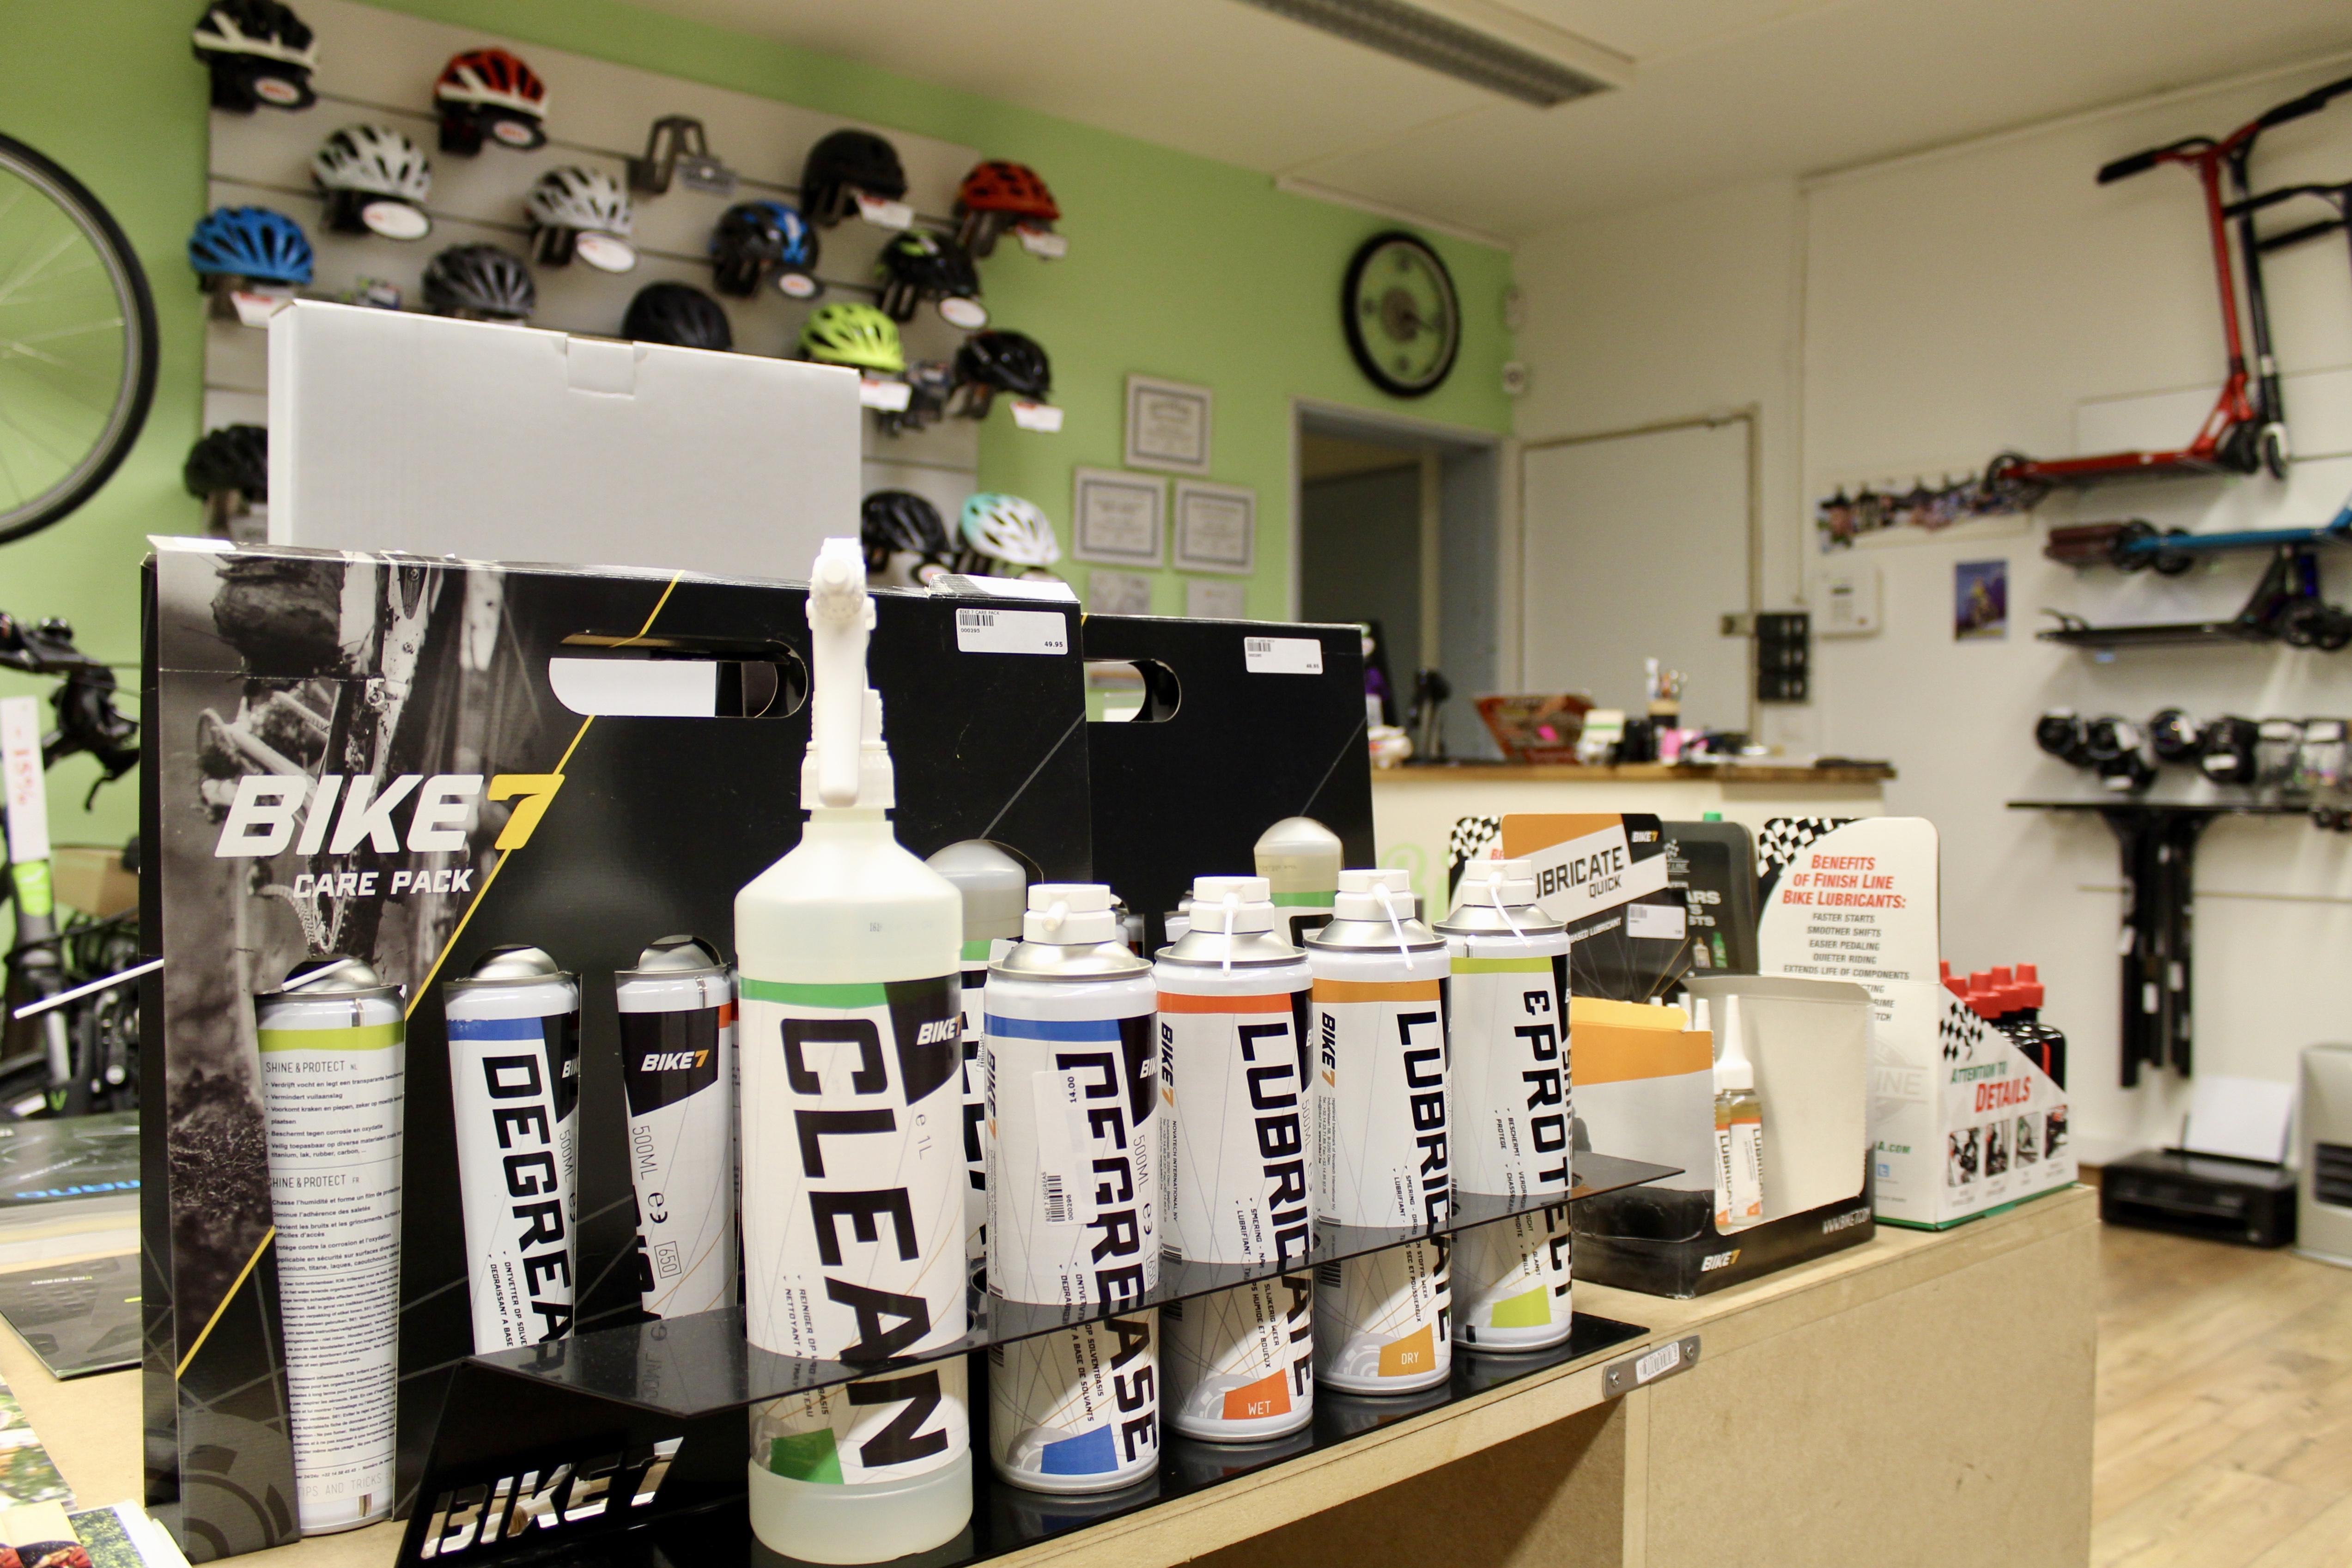 les produits d'entretien Bike7